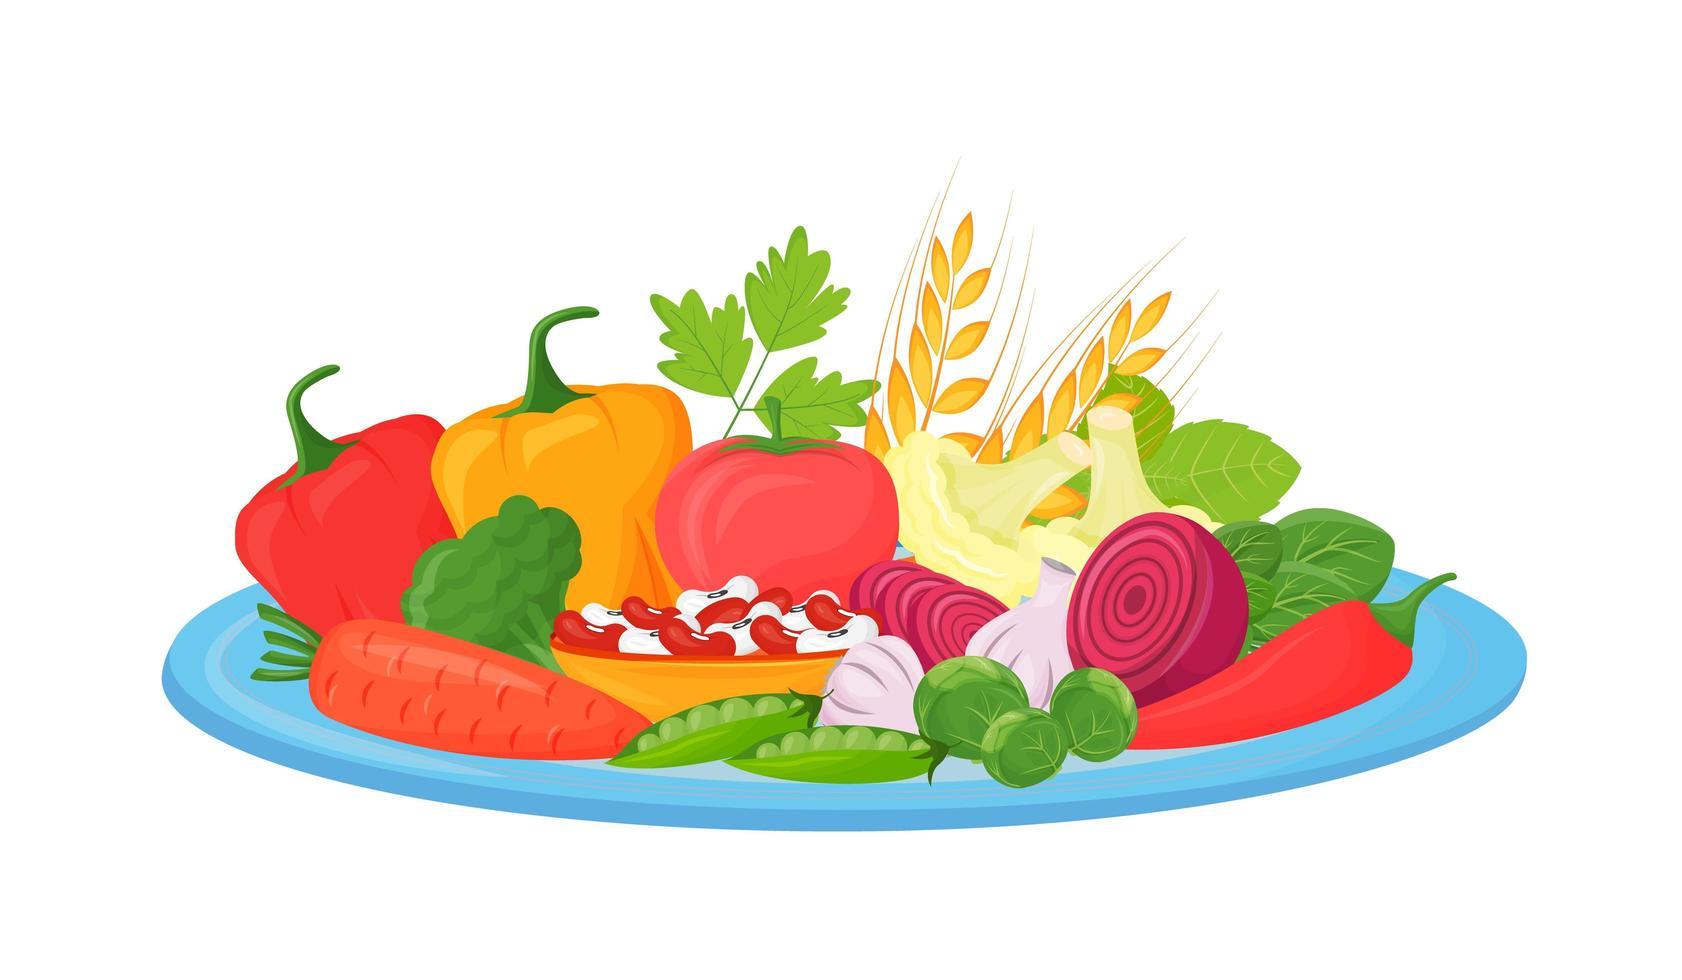 råa grönsaker på tallriken vektor